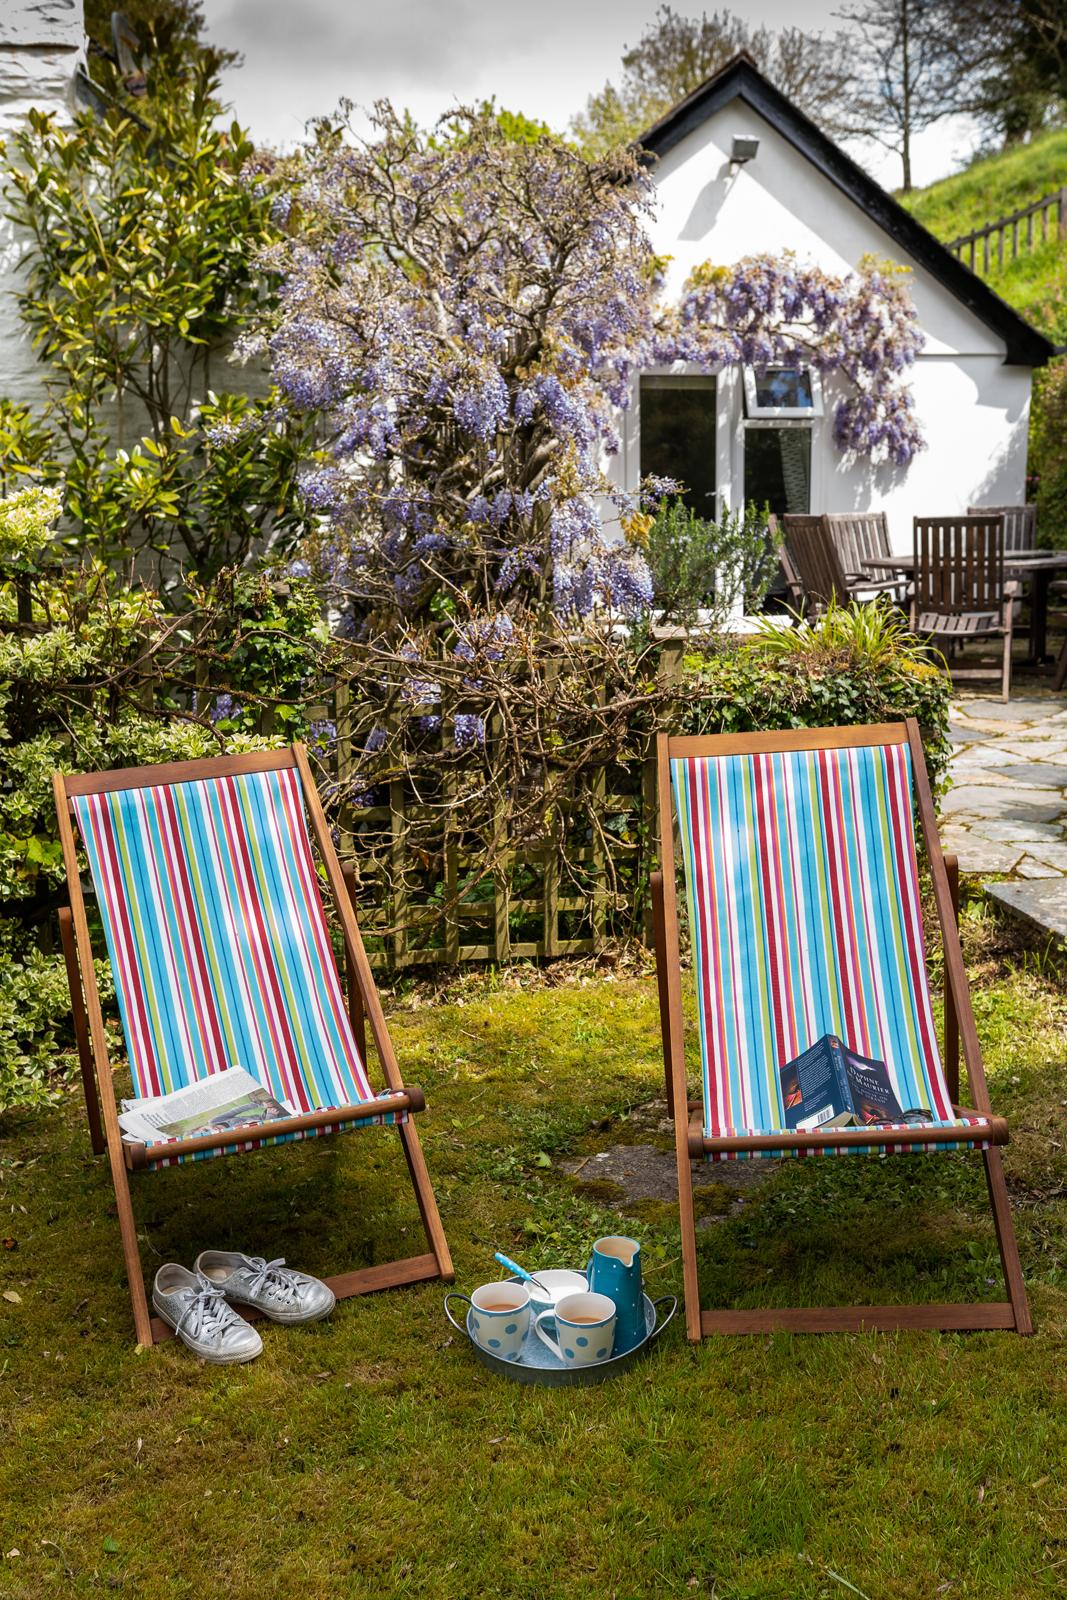 Deckchairs in the garden